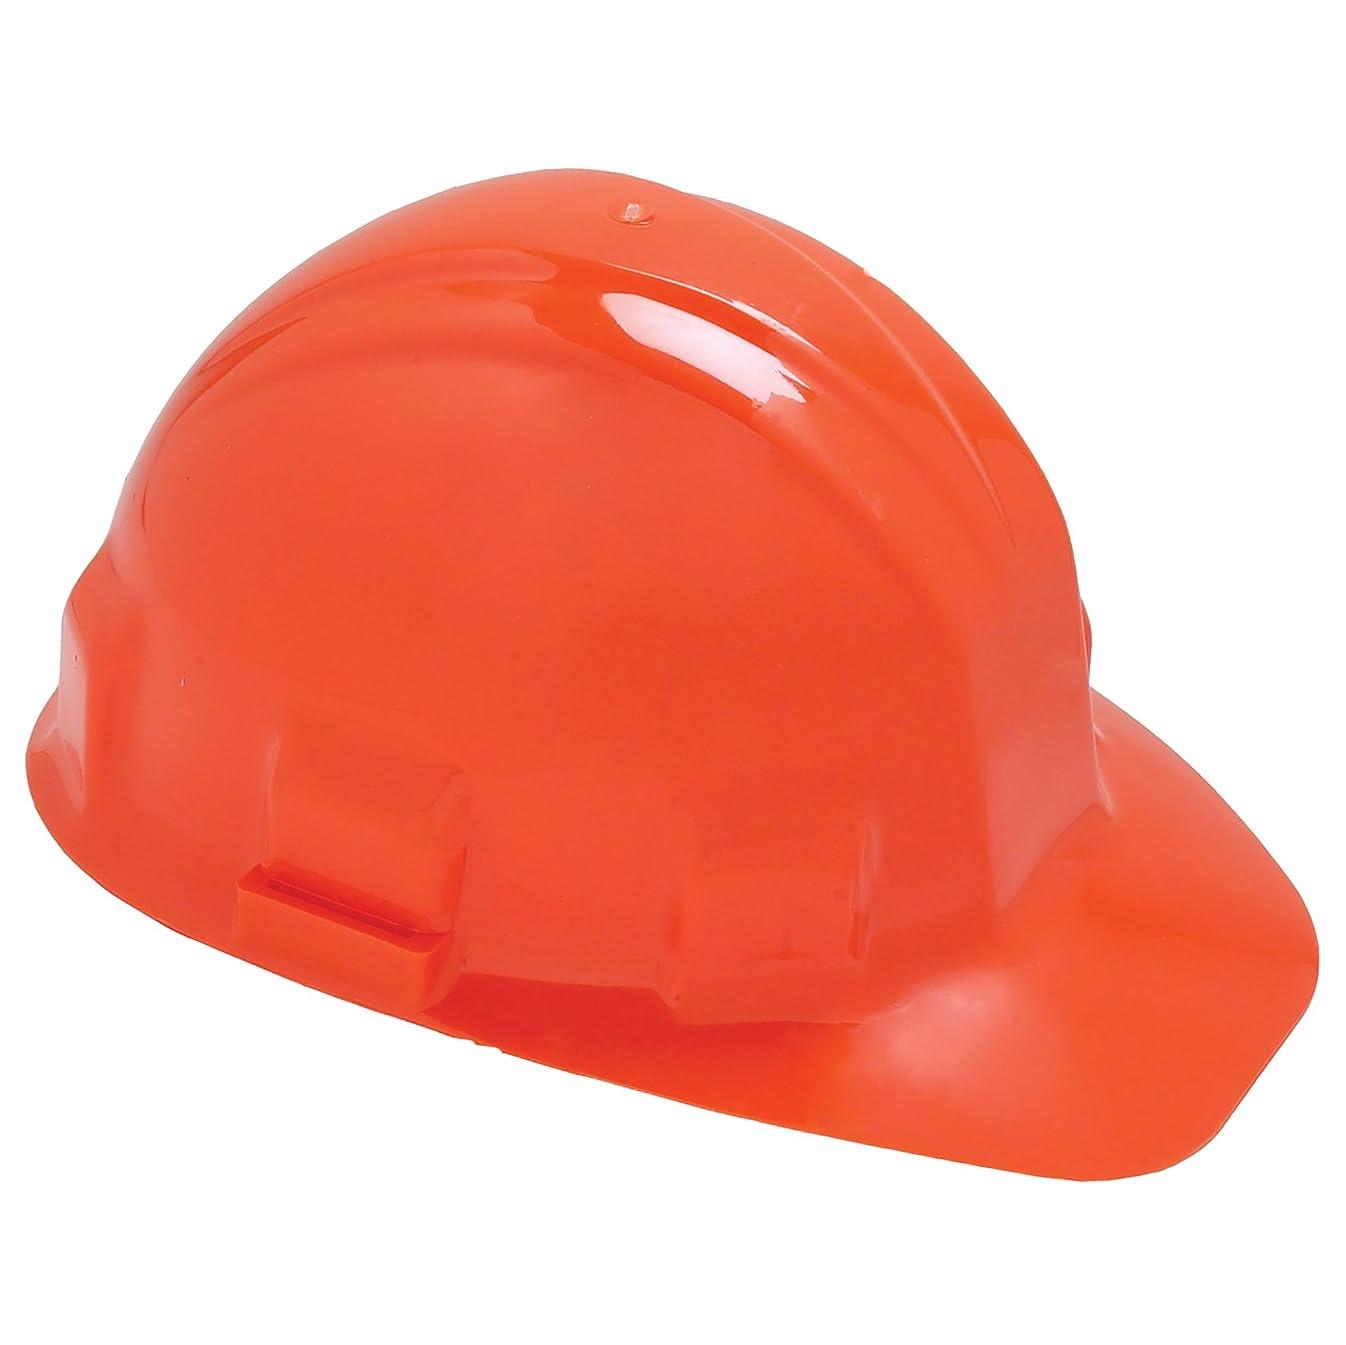 ストレージ枠カメJackson Safety 14420 Sentry III High Density Polyethylene Hard Hat with 6 Point Ratchet Suspension, Orange (Pack of 12) by Jackson Safety